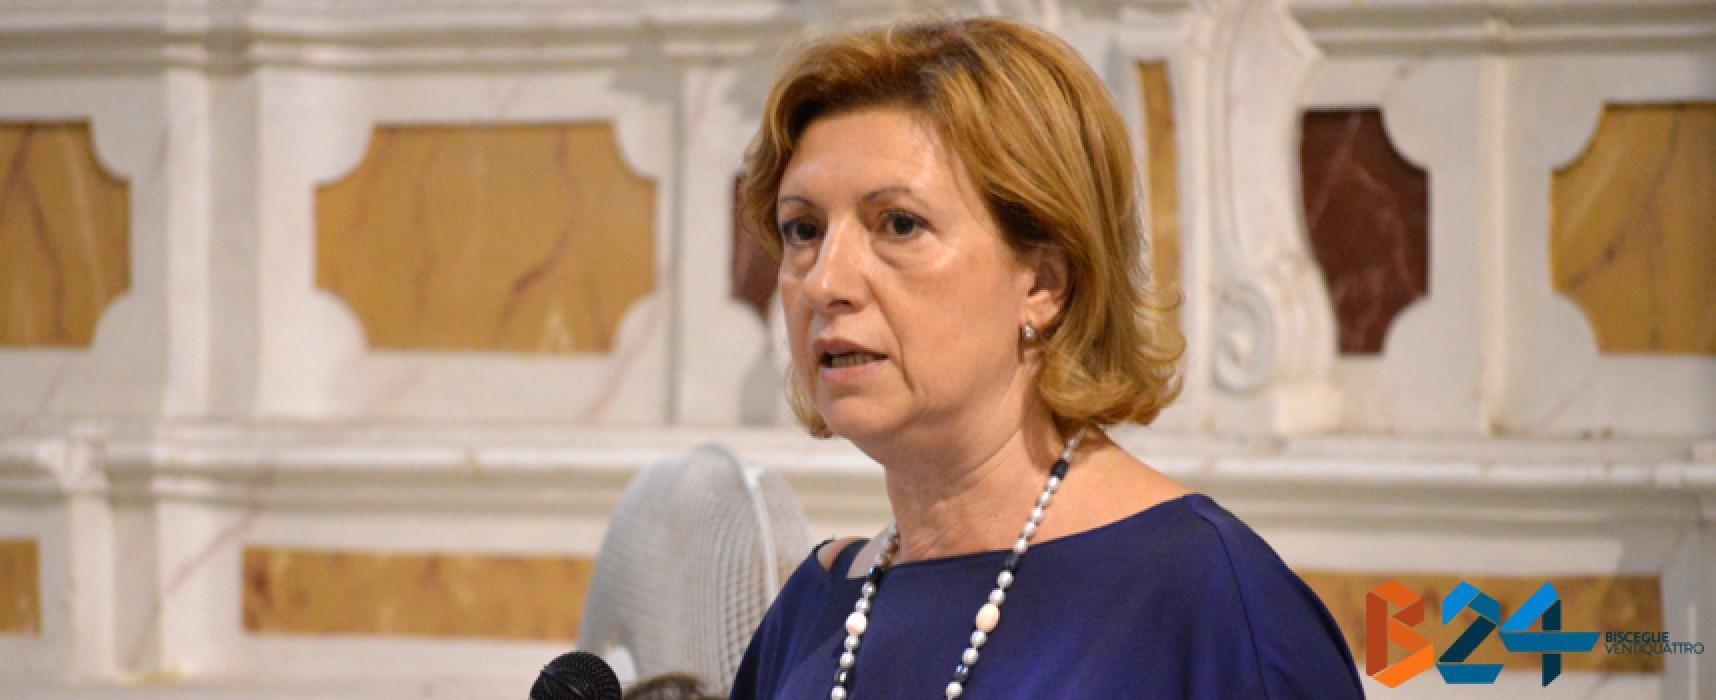 Deleghe ai consiglieri provinciali, Tonia Spina alle attività produttive. In comune resta all'opposizione?